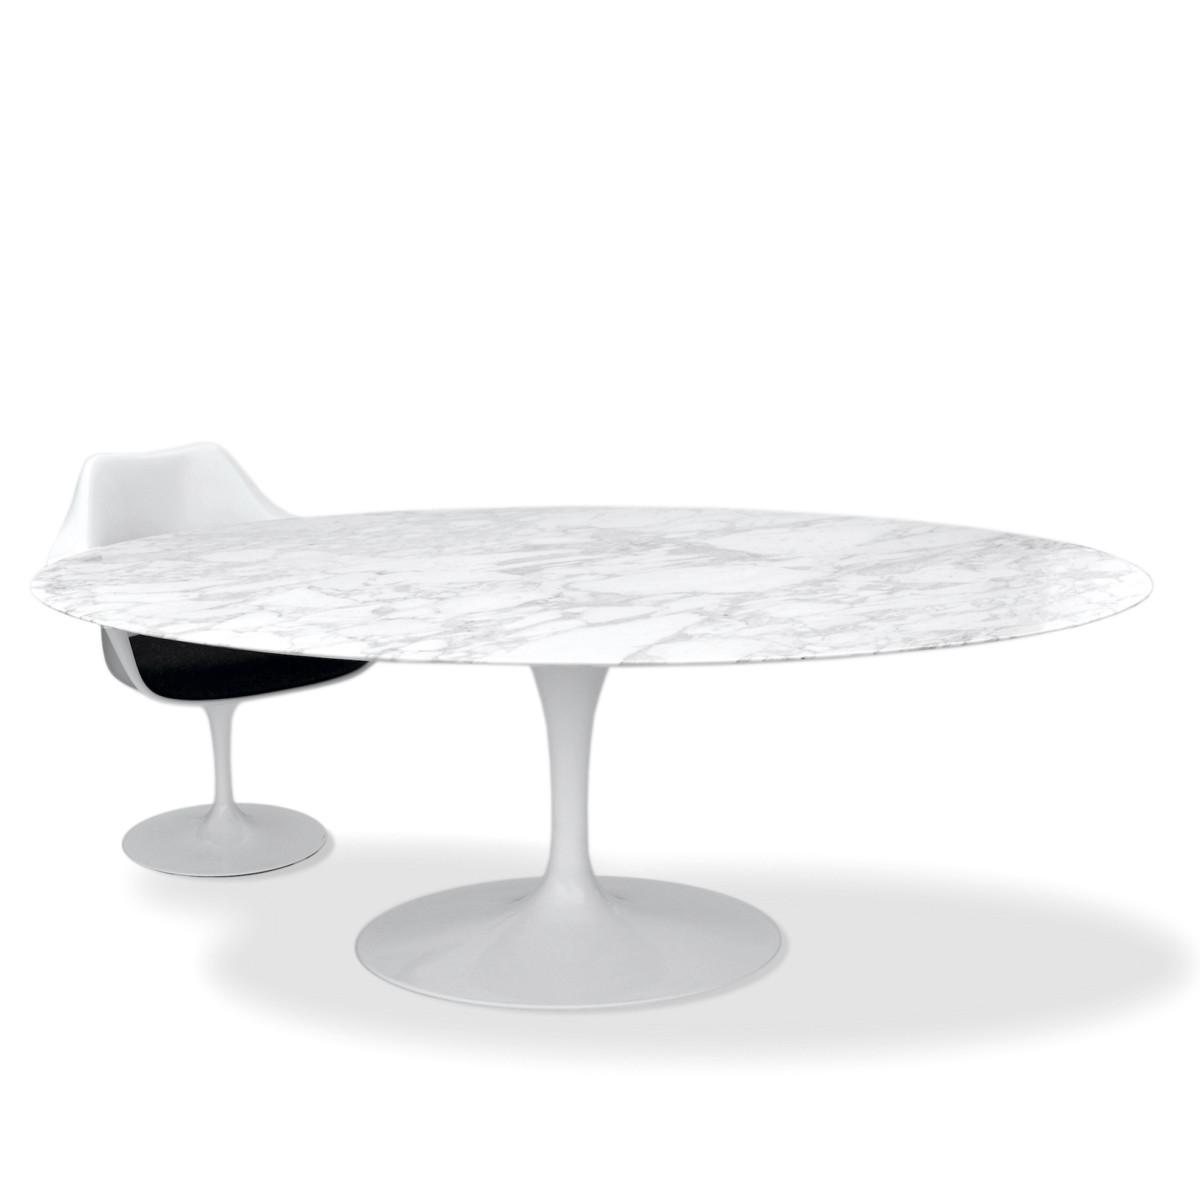 obiecte de design celebre masa Saarinen